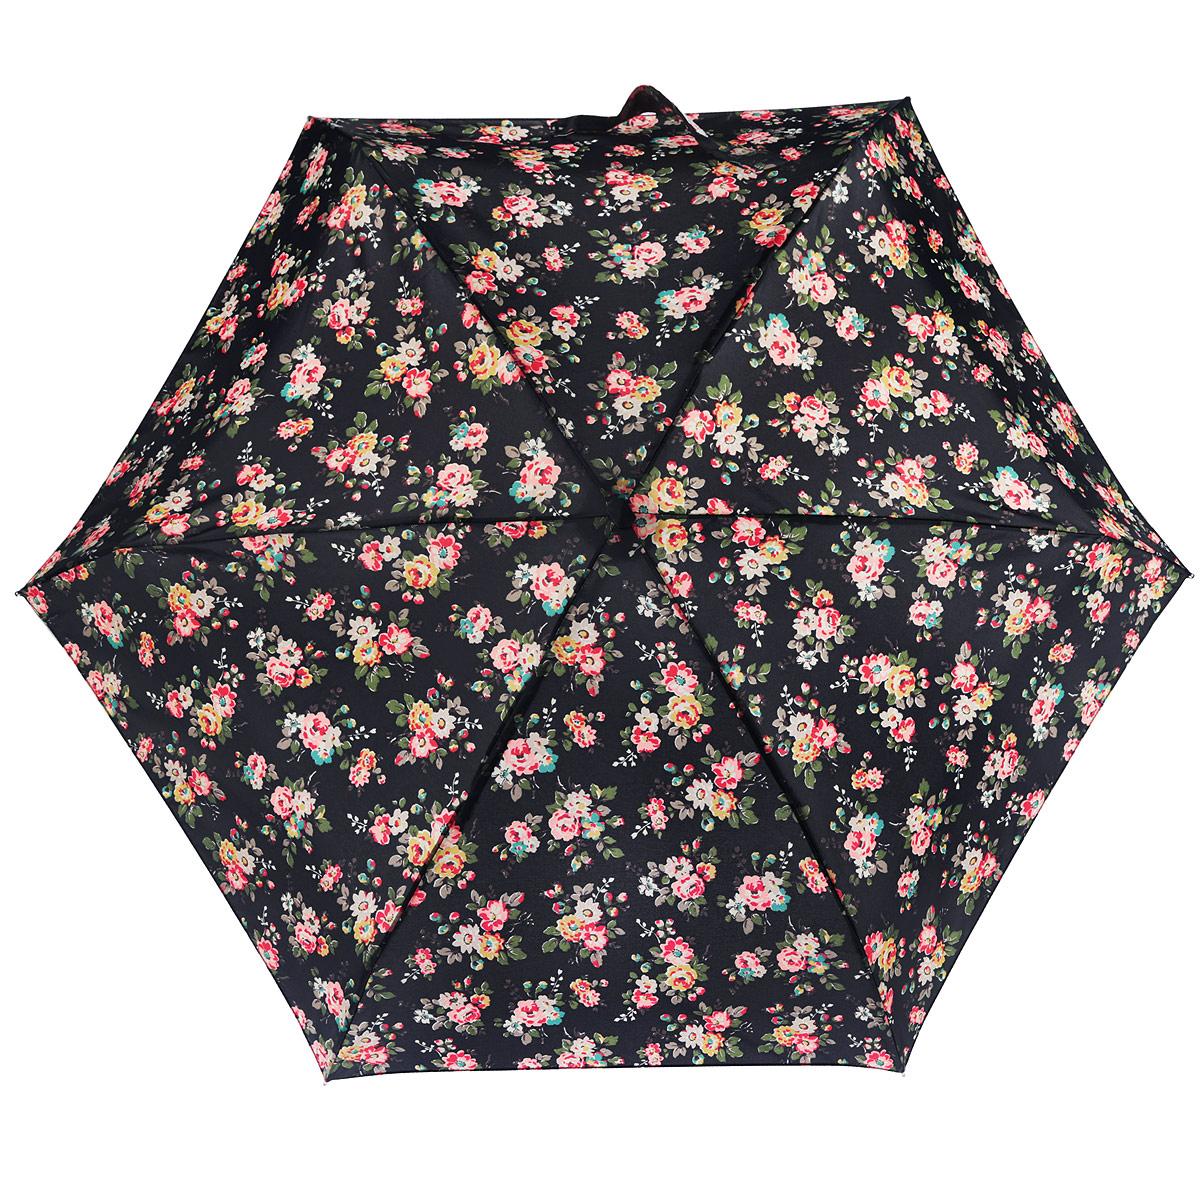 Зонт женский Fulton CathKidston Tiny. Kingswood Rose Charcoal, механический, 5 сложений, цвет: черный, розовый, красный, зеленый. L739-284545100032/35449/3537AОчаровательный механический зонт CathKidston Tiny. Kingswood Rose Charcoal в 5 сложений изготовлен из высокопрочных материалов. Каркас зонта состоит из 6 спиц и прочного алюминиевого стержня. Купол зонта выполнен из прочного полиэстера с водоотталкивающей пропиткой и оформлен рисунком в виде цветов. Рукоятка изготовлена из дерева.Зонт имеет механический механизм сложения: купол открывается и закрывается вручную до характерного щелчка.Небольшой шнурок, расположенный на рукоятке, позволяет надеть изделие на руку при необходимости. Модель закрывается при помощи хлястика на застежку-липучку. К зонту прилагается чехол.Прелестный зонт не только выручит вас в ненастную погоду, но и станет стильным аксессуаром, прекрасно дополнит ваш модный образ. Необыкновенно компактный зонт с легкостью поместится в маленькую сумочку.